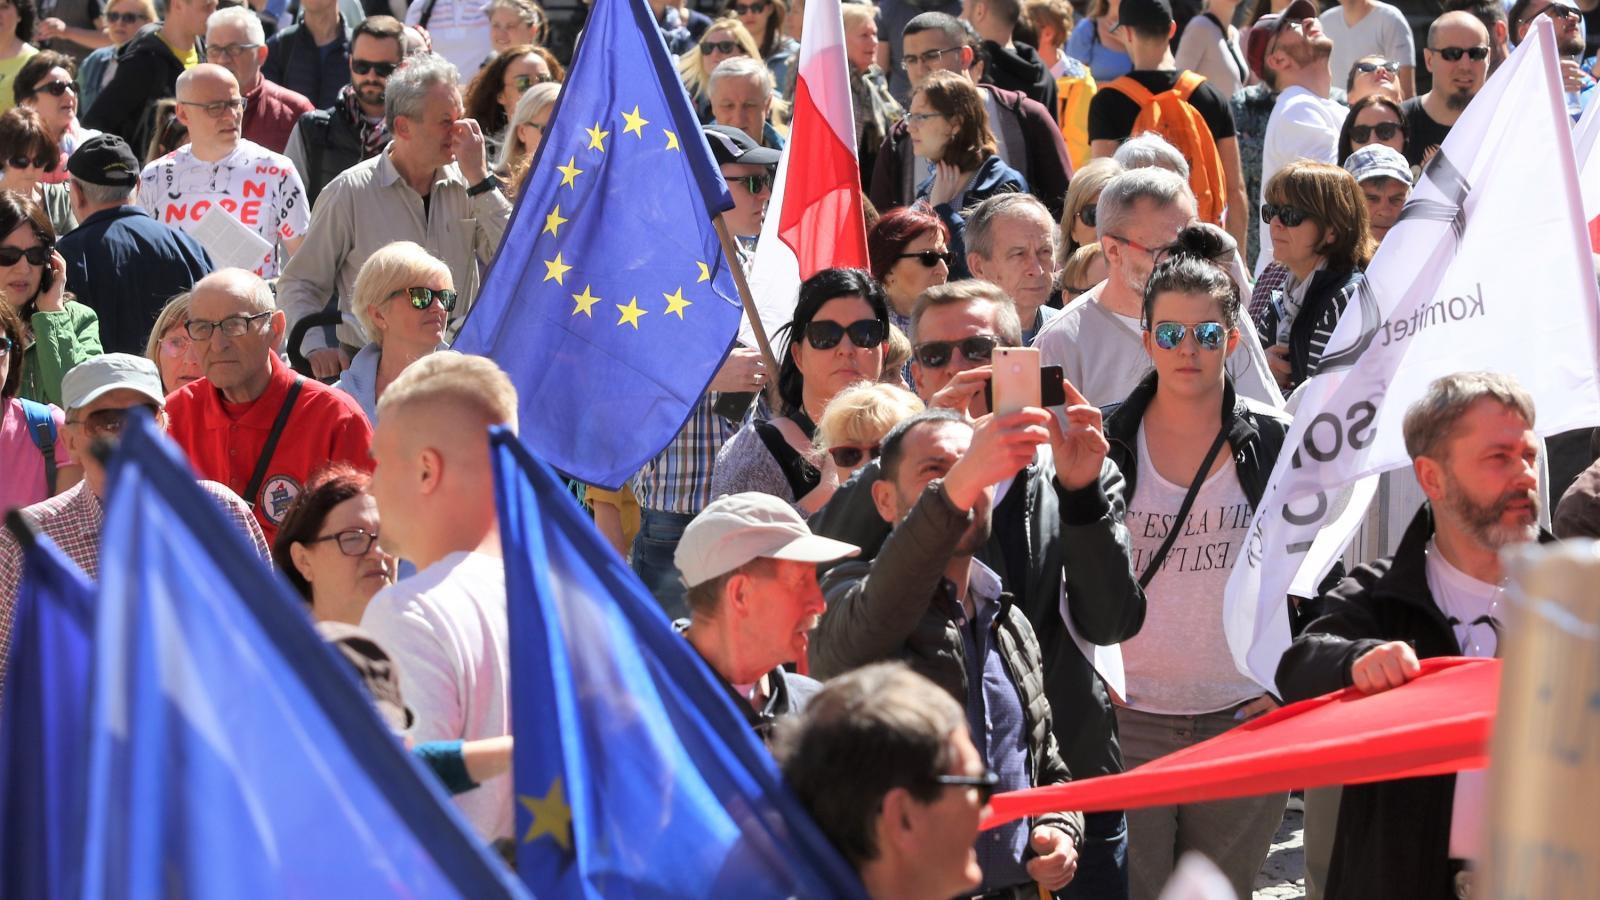 b305cda89b Nemrégiben Gdanskban vonultak fel az Európa-pártiak. Fotó: MICHAL FLUDRA /  AFP/NURPHOTO